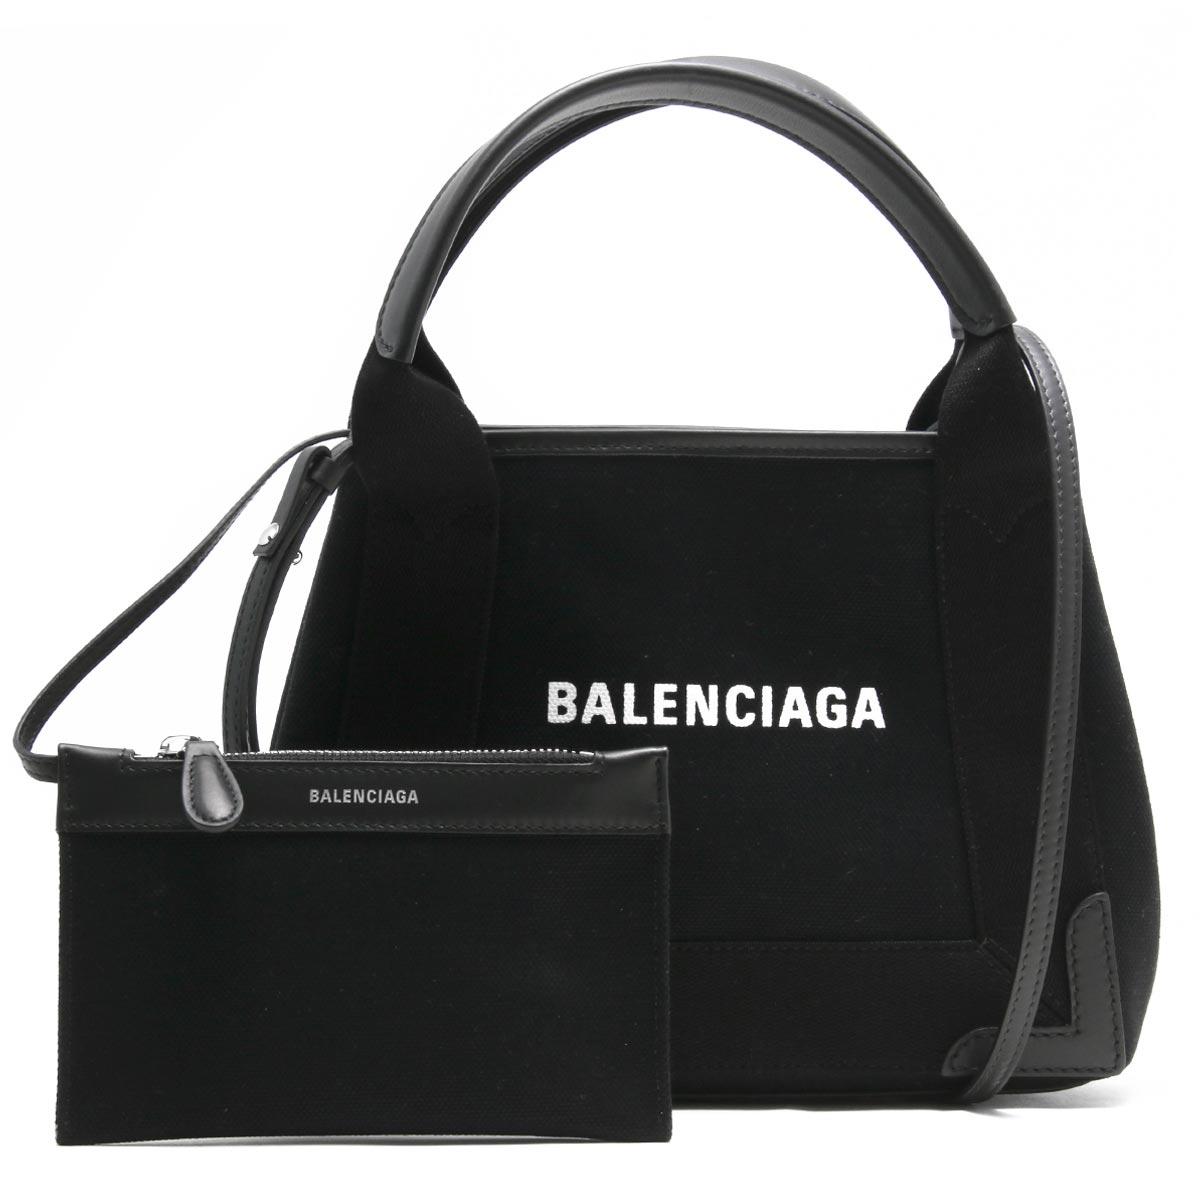 バレンシアガ トートバッグ/ショルダーバッグ バッグ レディース ネイビーカバス XS ブラック 390346 AQ38N 1000 BALENCIAGA